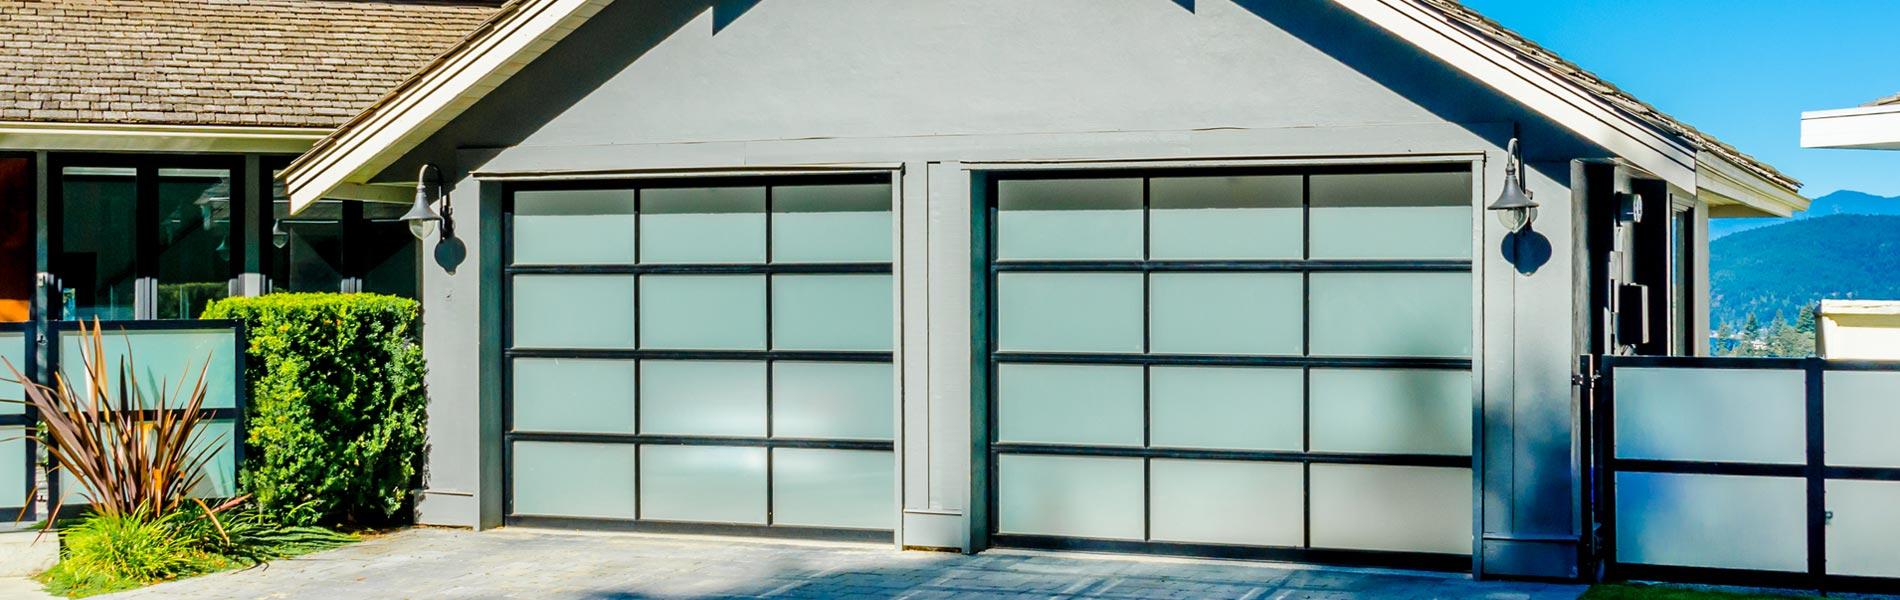 Garage Door Repairs Salt Lake City The Best Door Of 2018